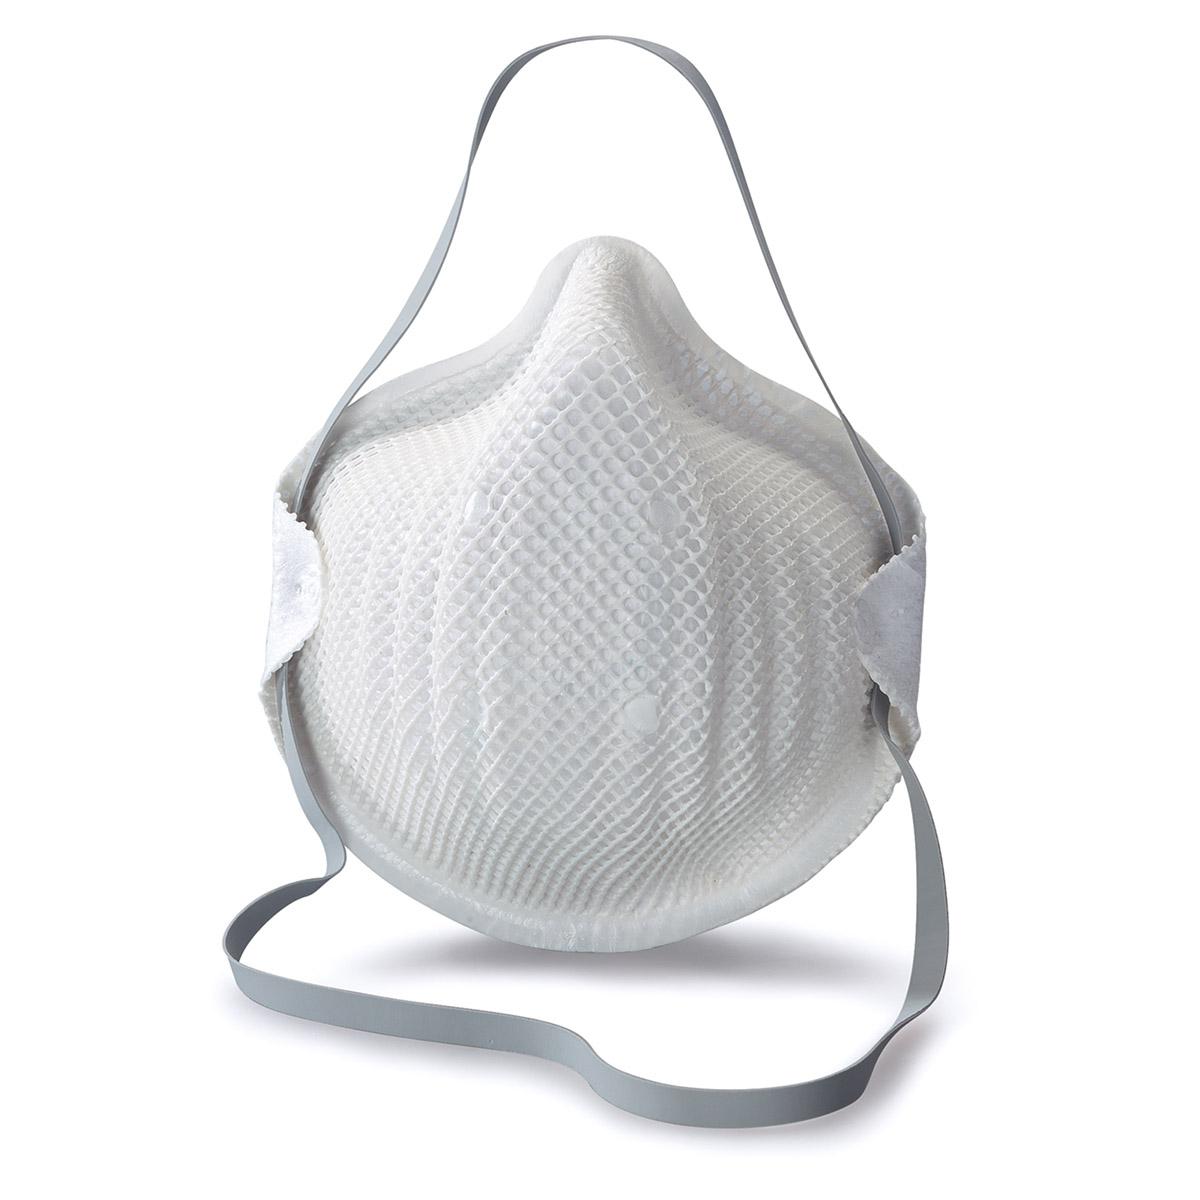 Boite 20 masques hygiène jetable